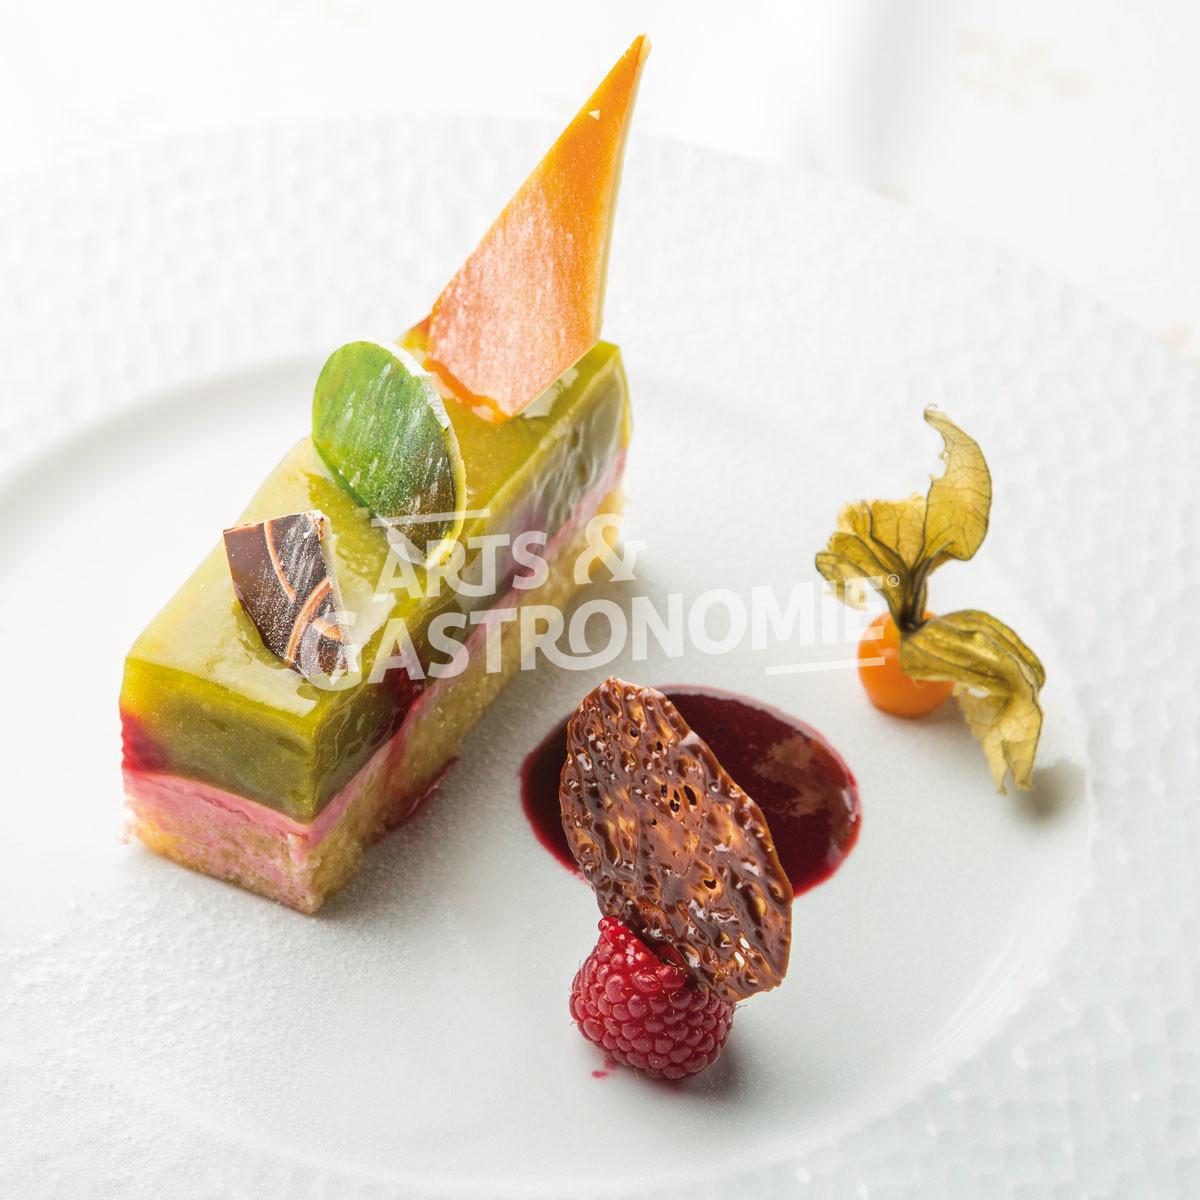 Extrêmement Desserts | Arts & Gastronomie CK24